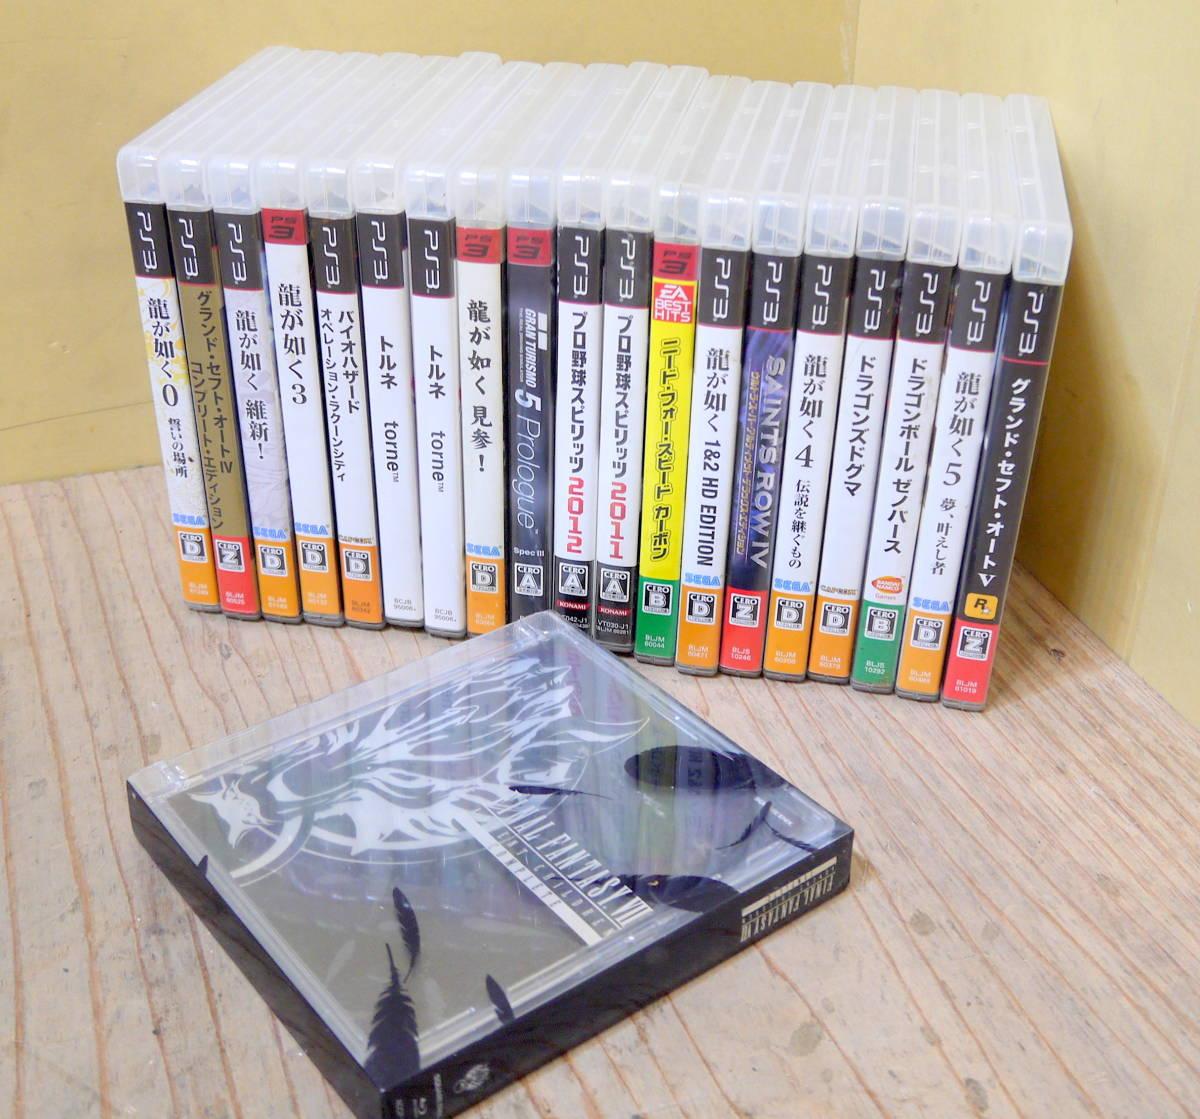 現状品 PS3 ゲームソフト 20本大量まとめて セット/まとめ売り プレイステーション3 プレステ3